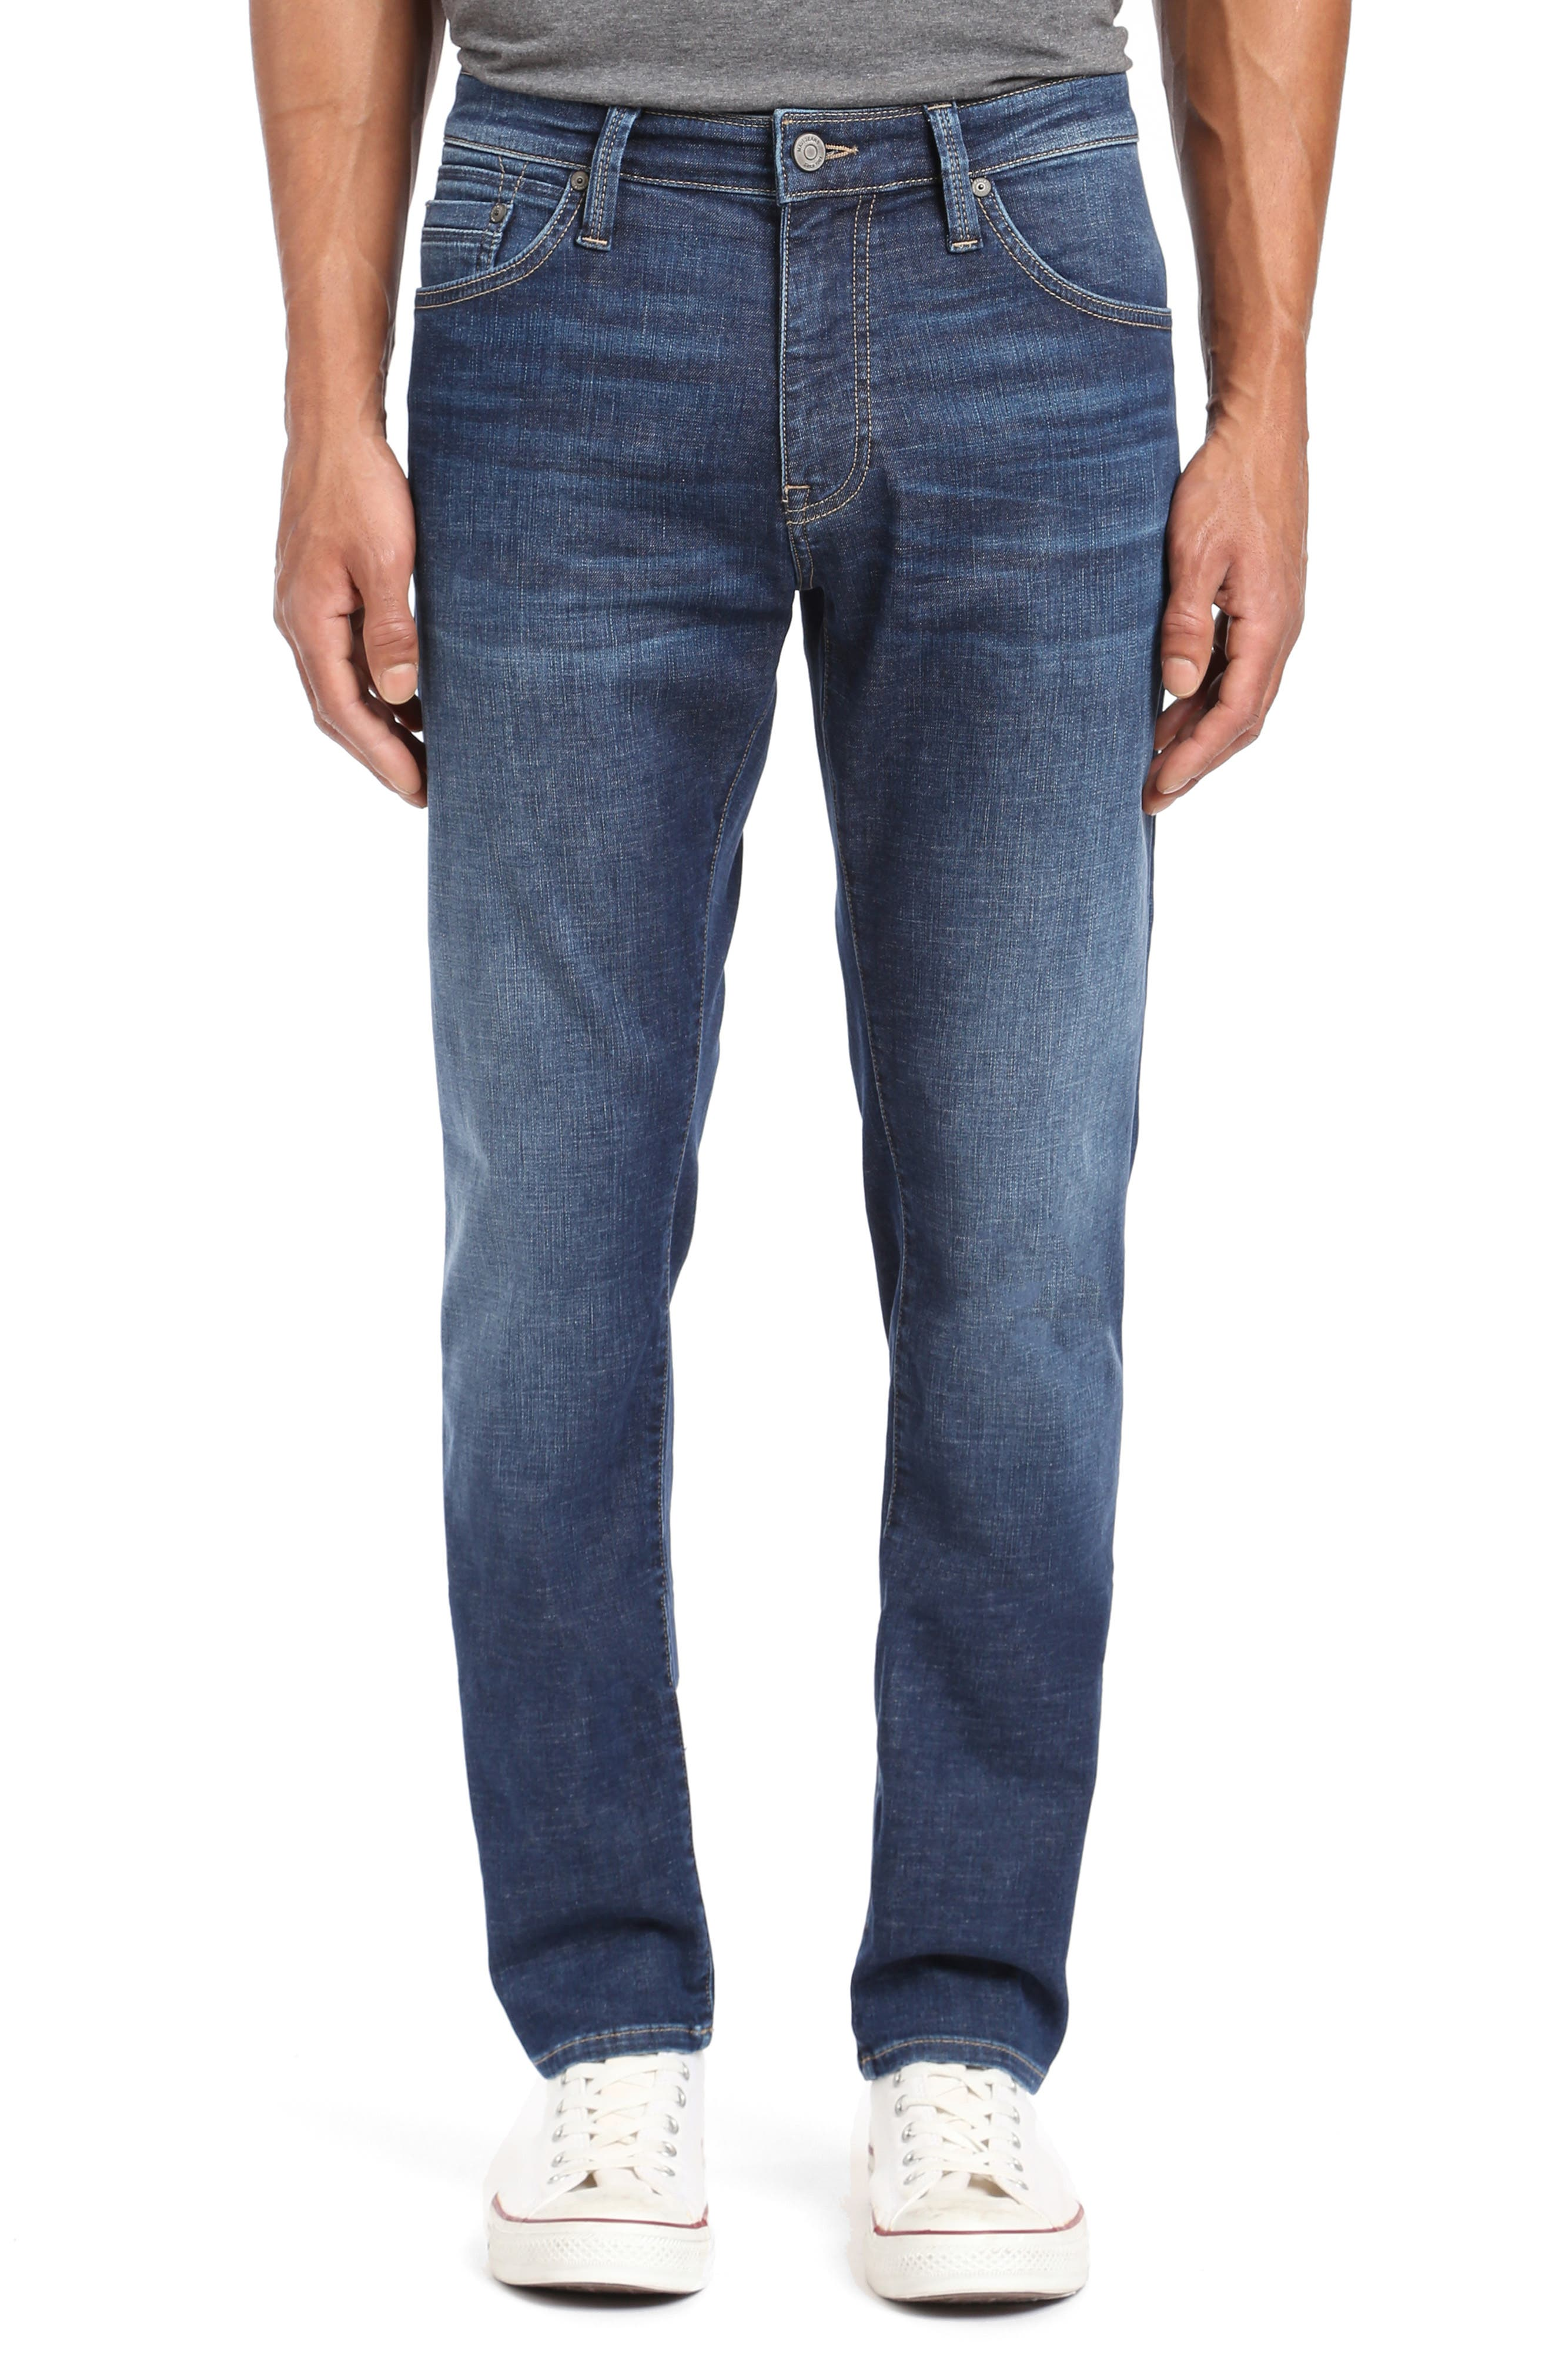 Jake Slim Fit Jeans,                         Main,                         color, DARK BRUSHED CASHMERE